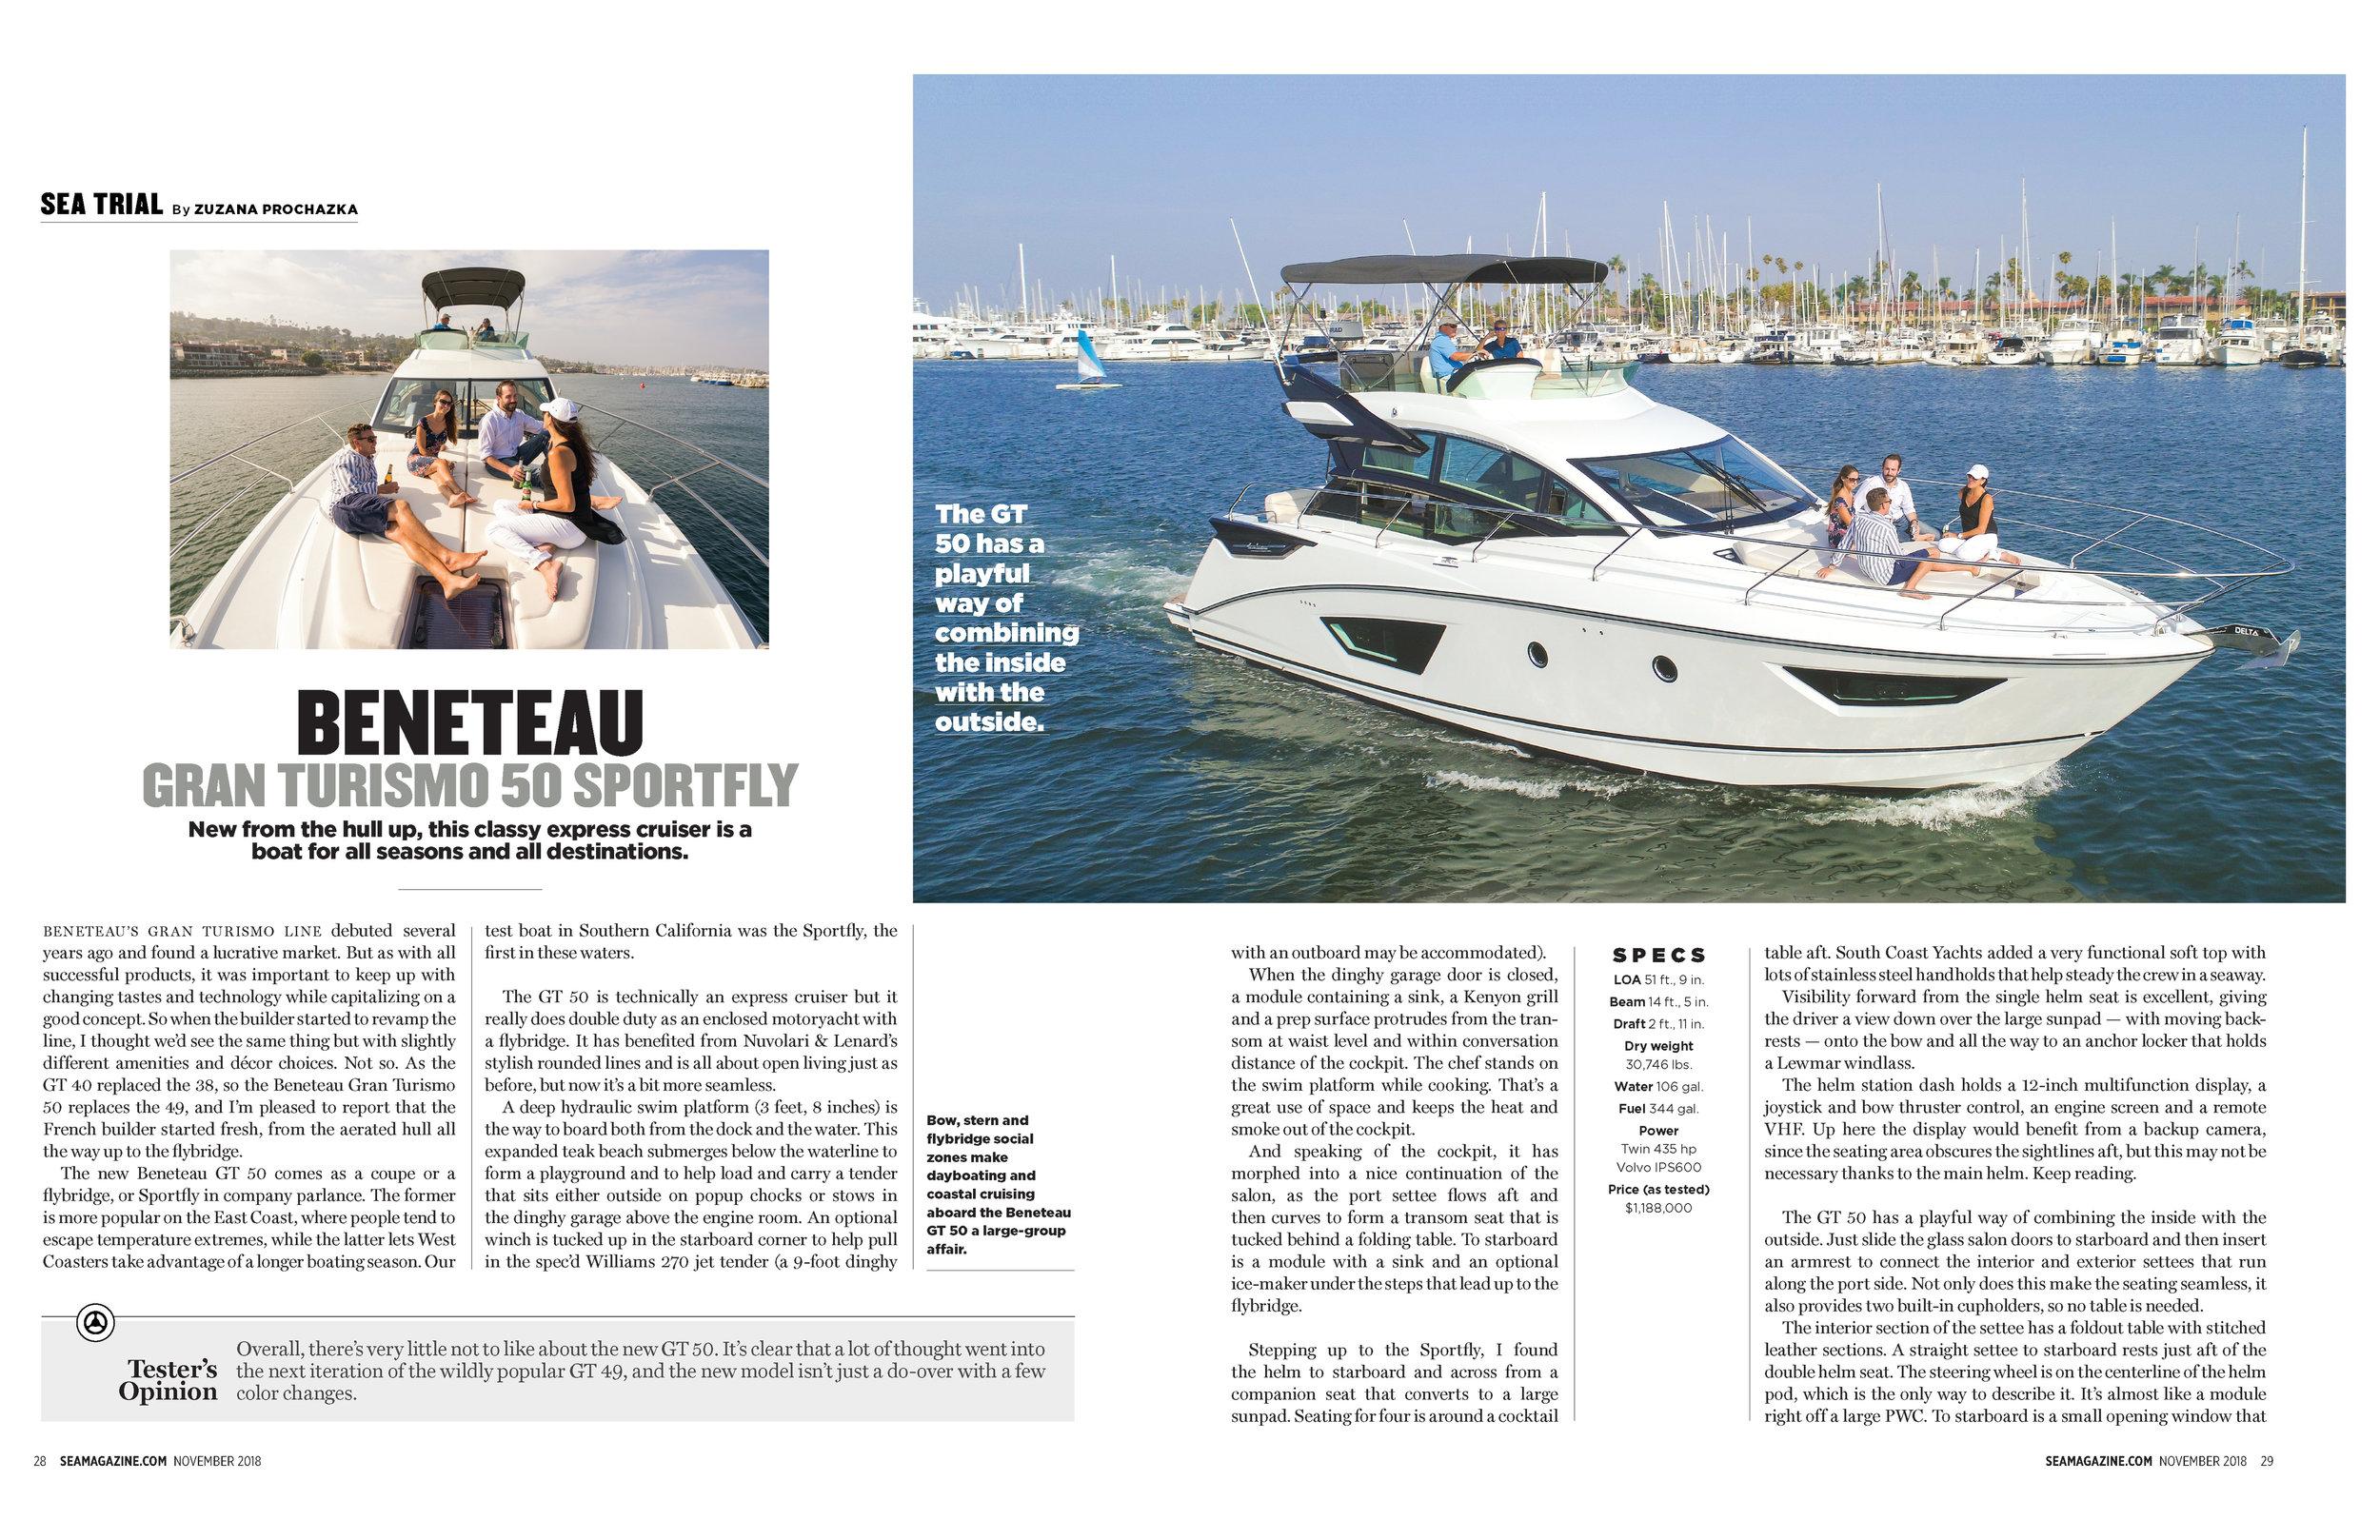 Beneteau-GT50-Sea-Trial-with-cover-Nov2018-SEA-2.jpg